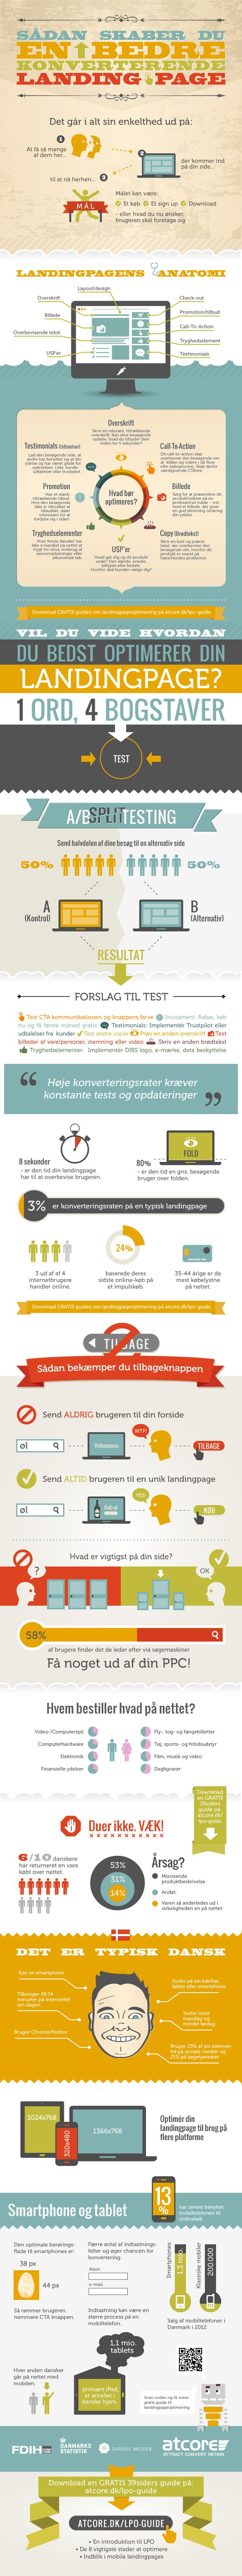 Se vores danske infografik om landingpageoptimering #LPO #CRO